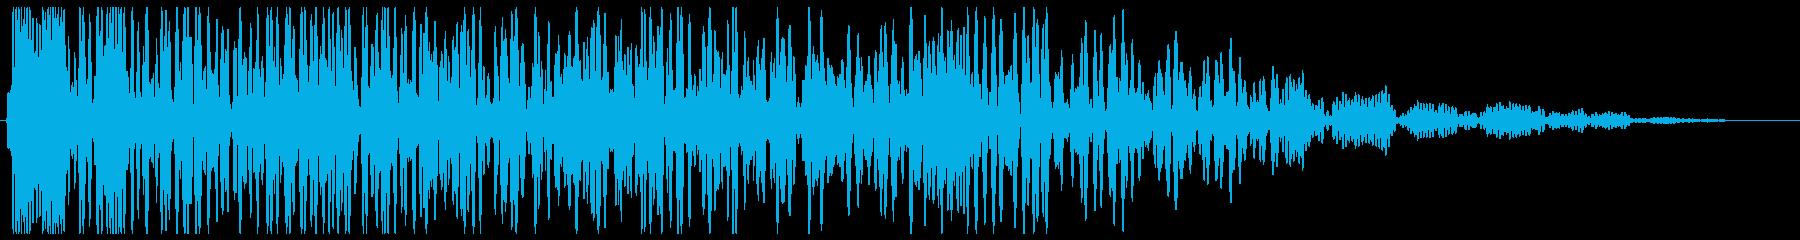 ドカーン(爆発の音)遠いの再生済みの波形